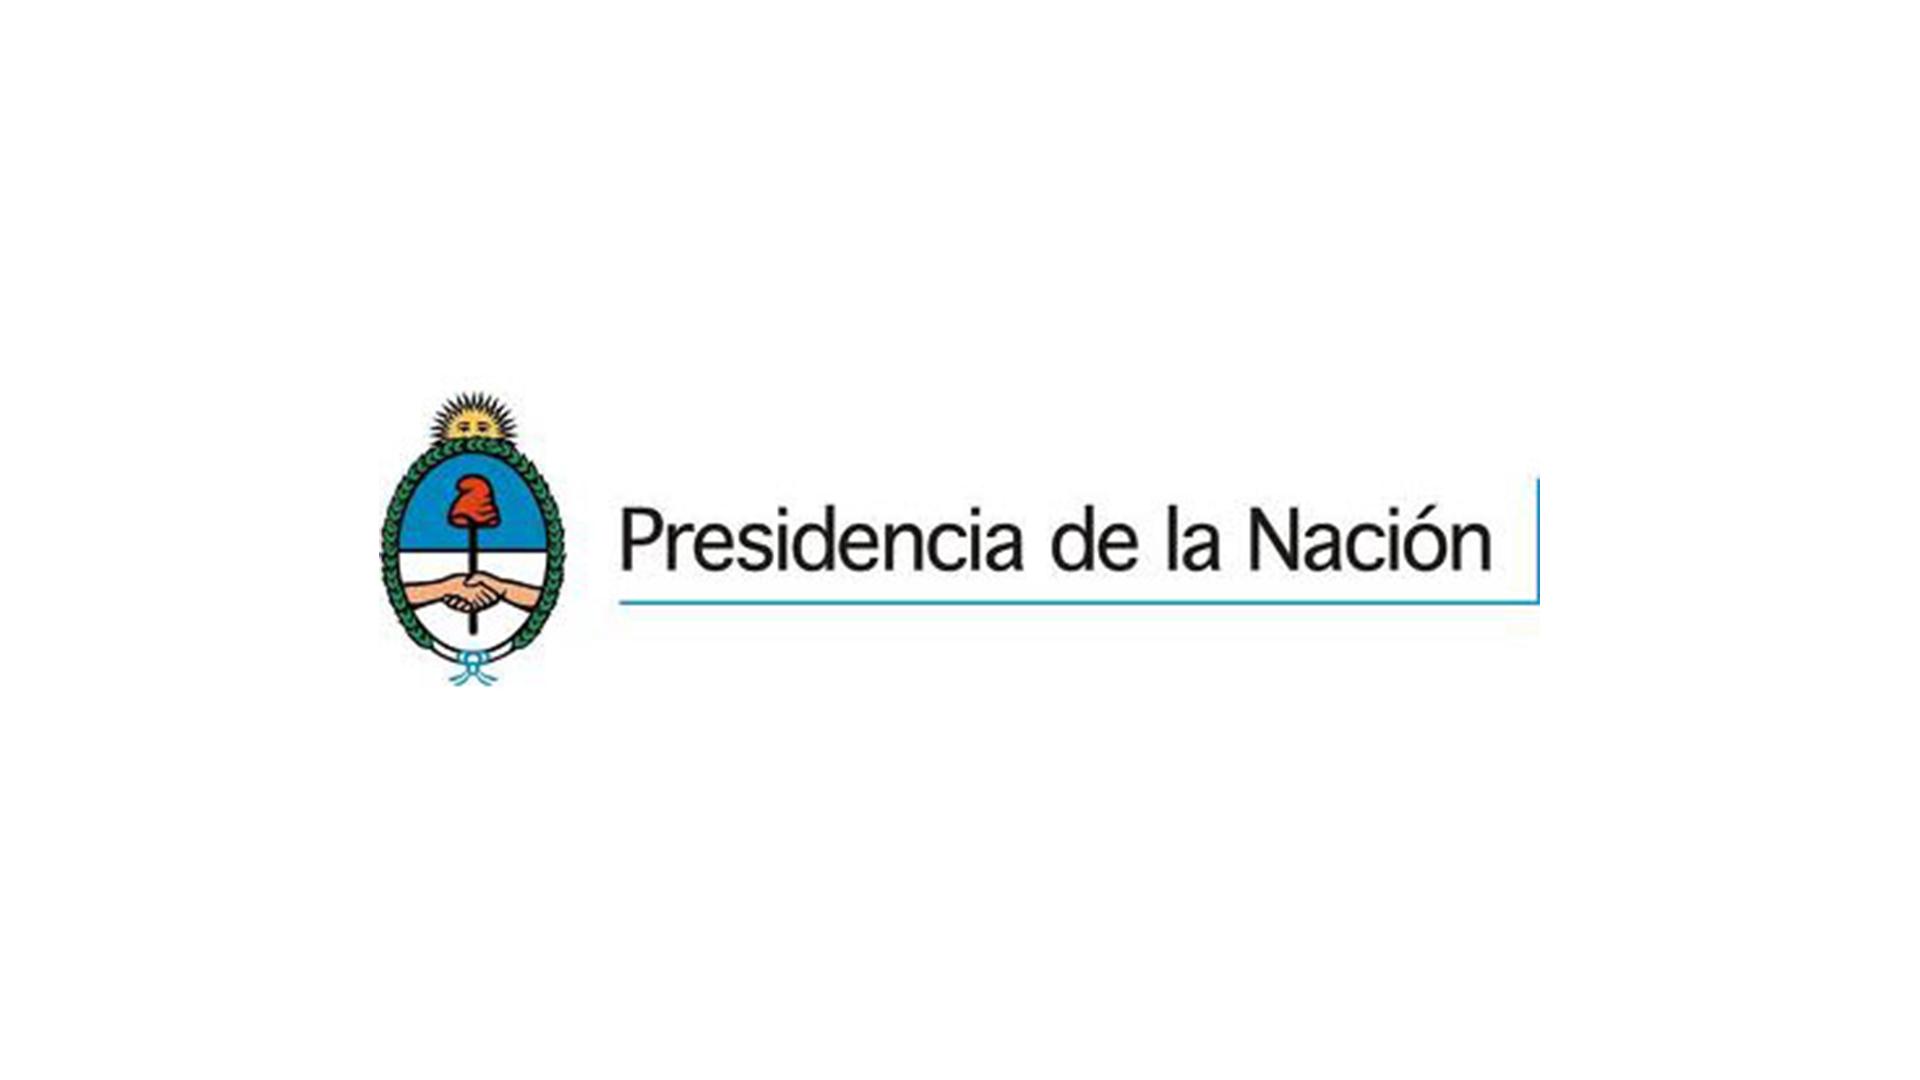 Presindecia_de_la_Nación_Argentina